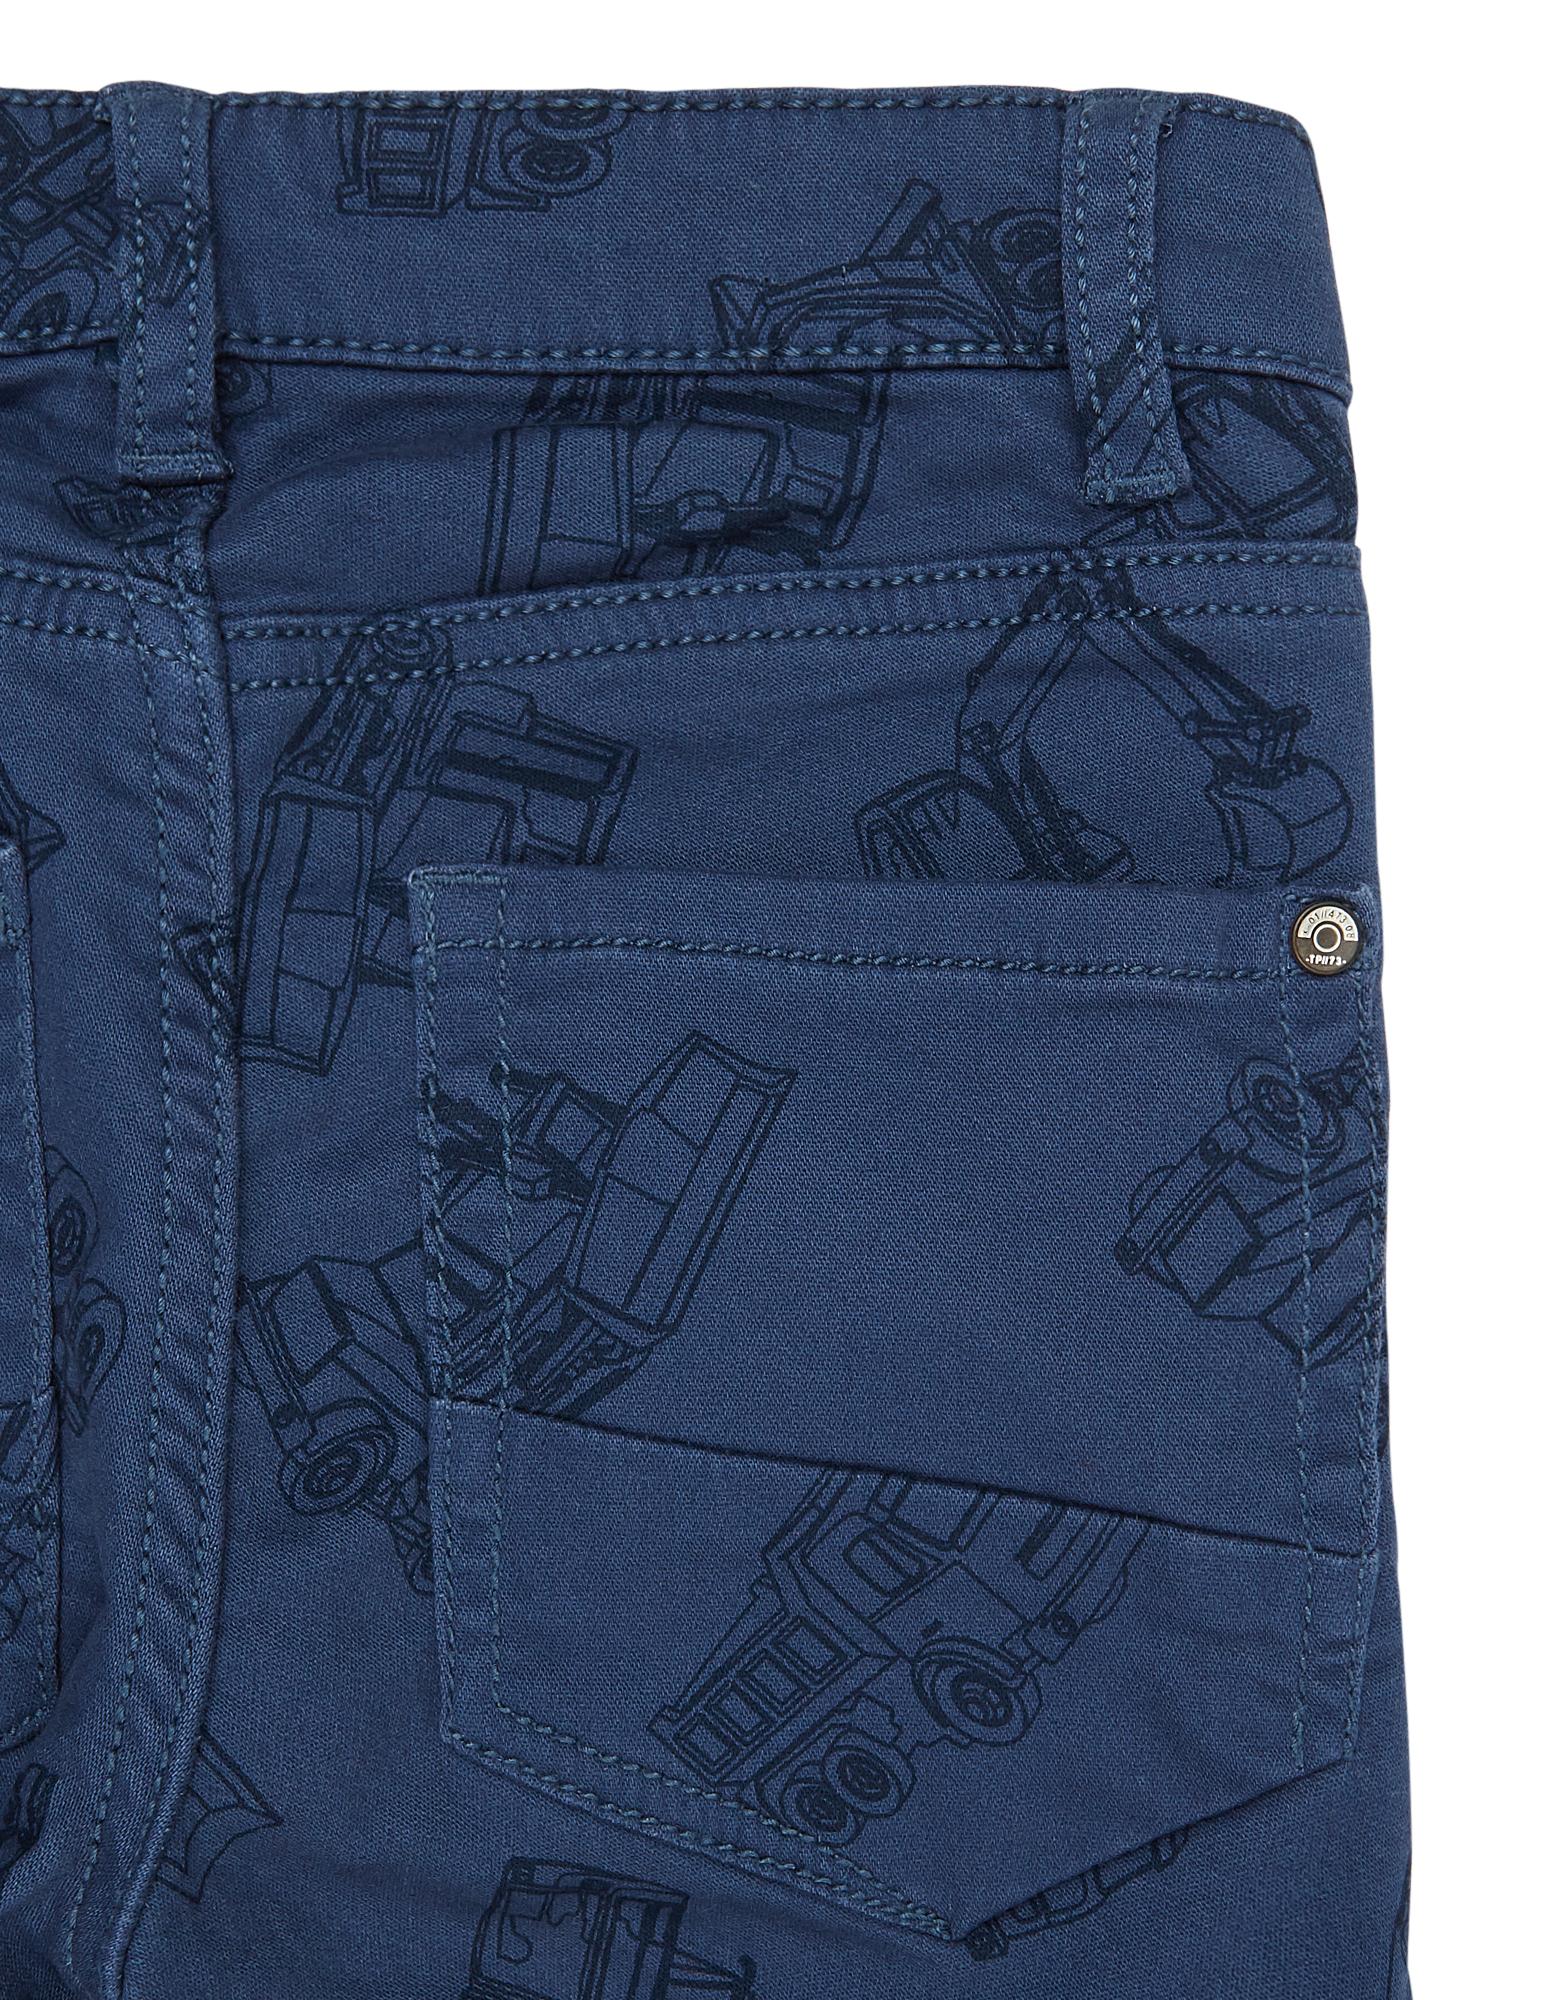 Jungen Skinny Fit Jeans aus Coloured Denim Takko Fashion